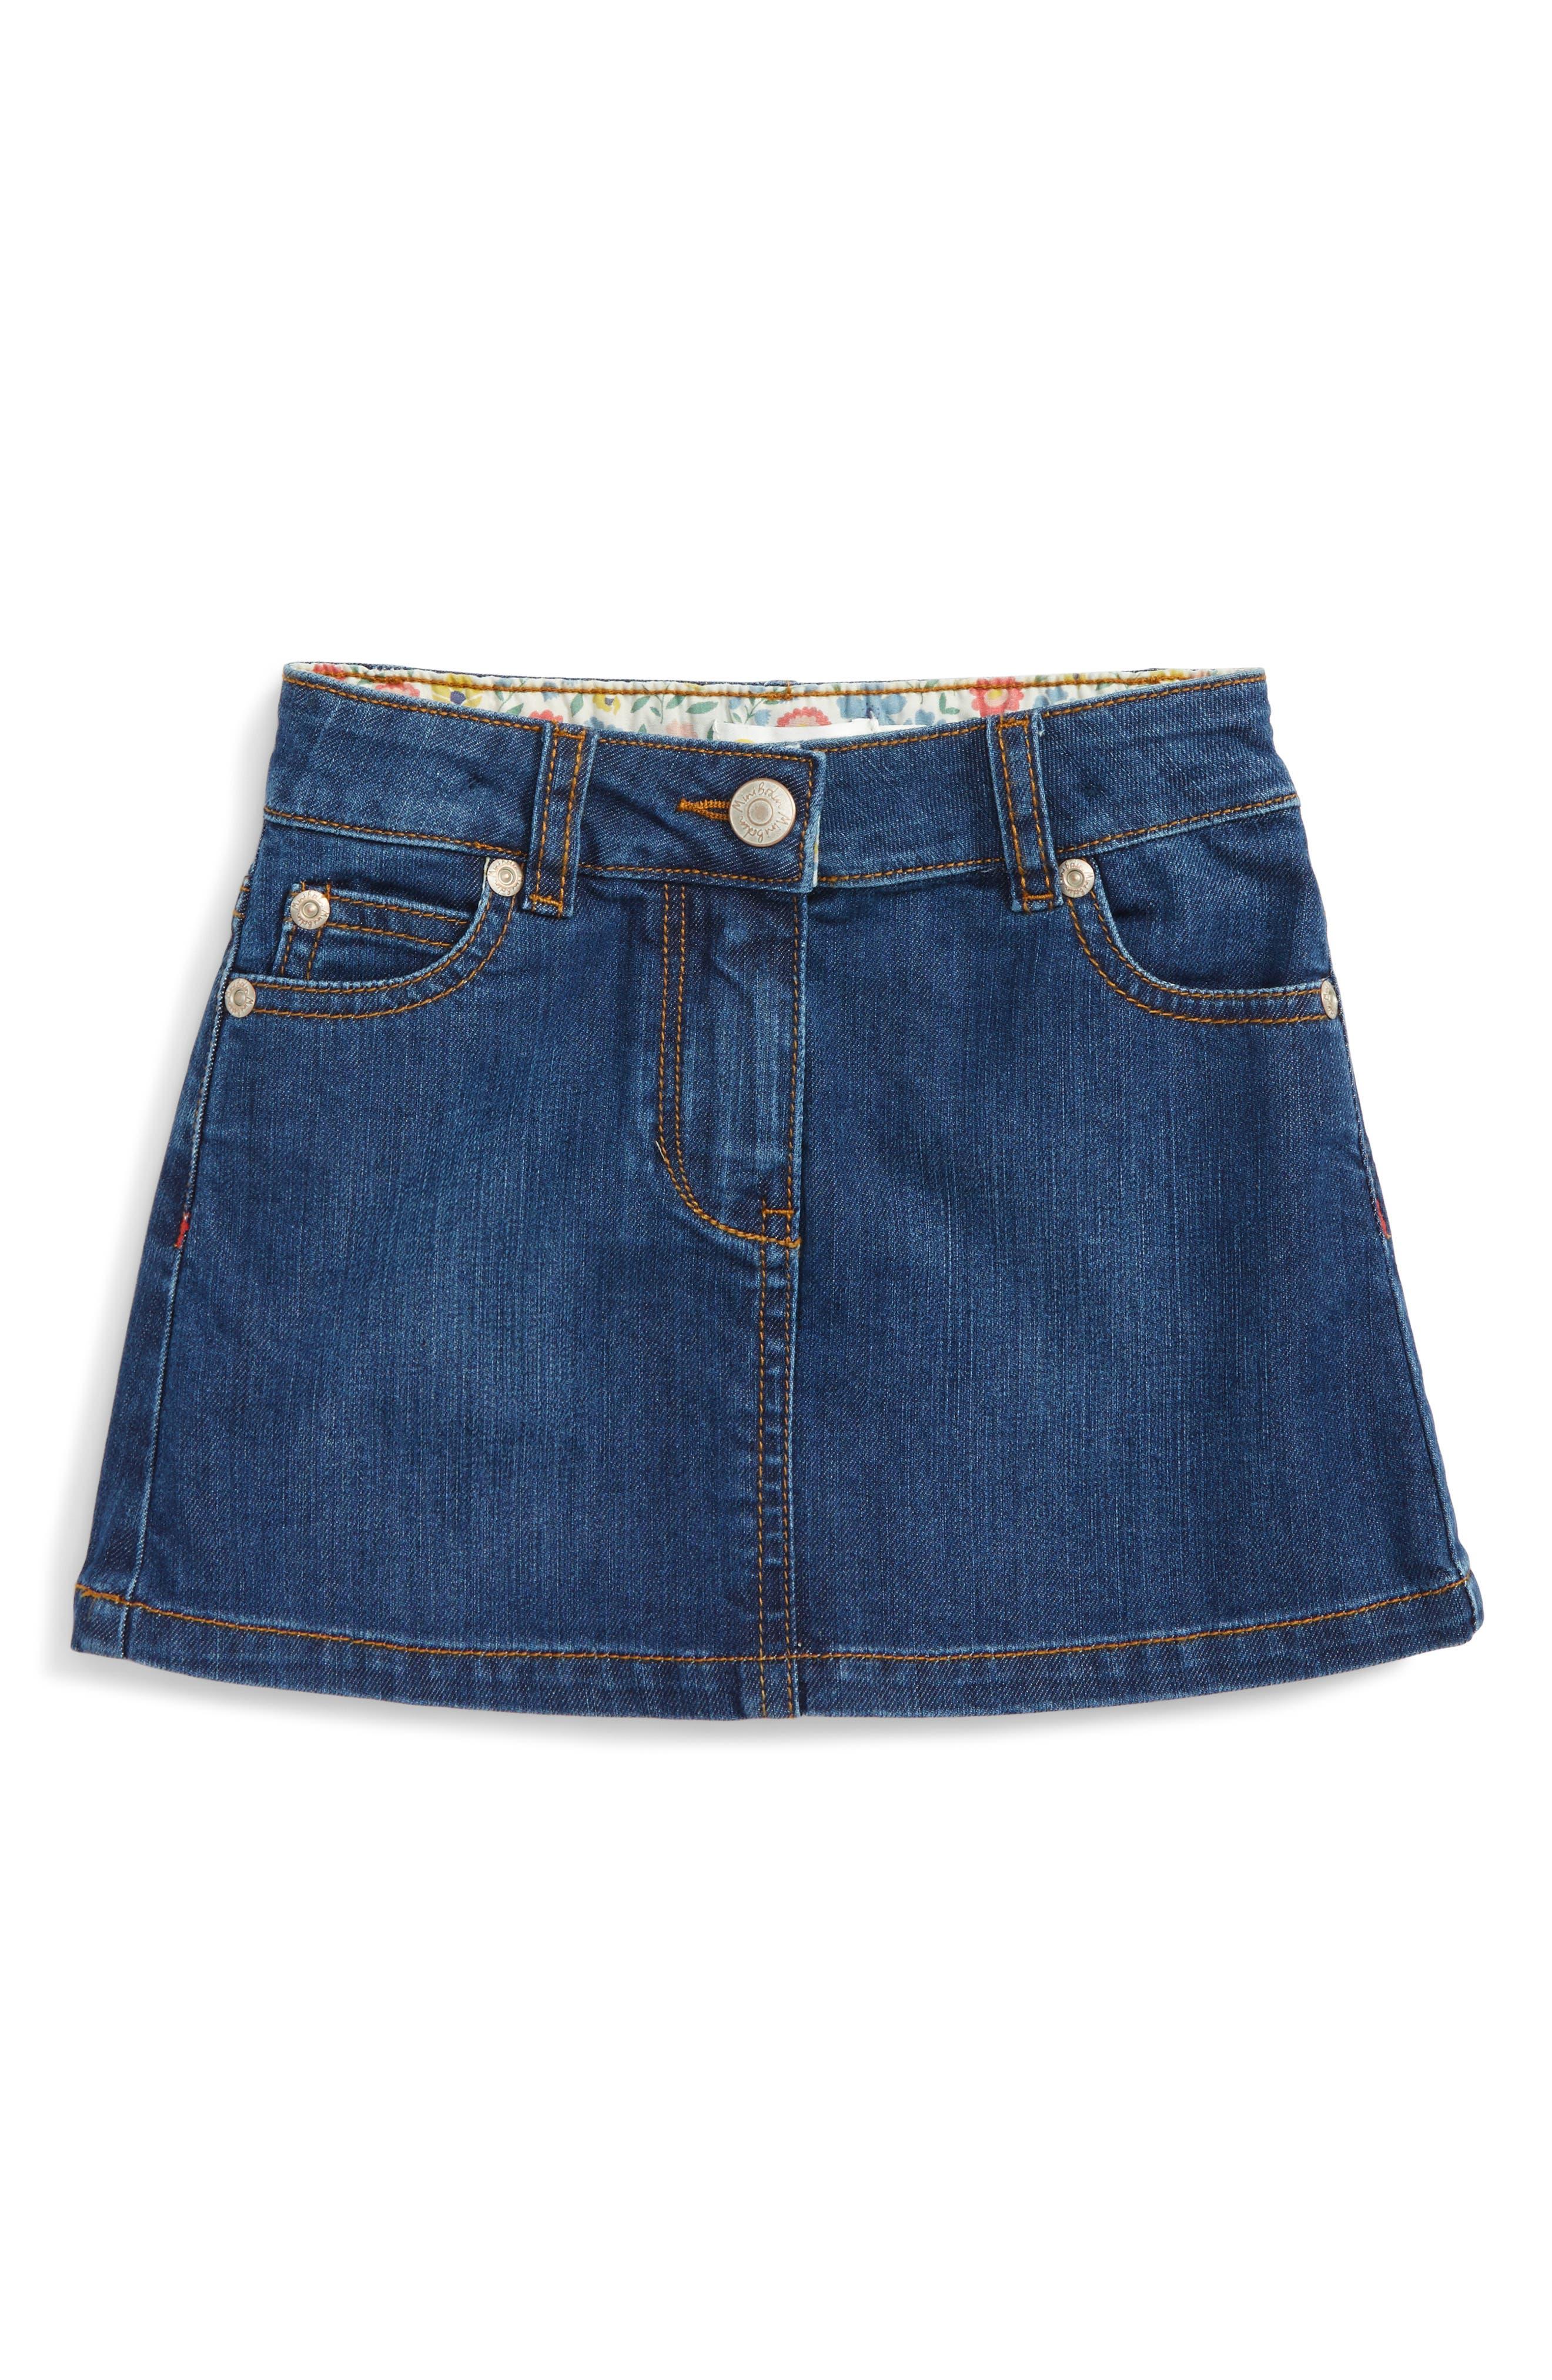 Heart Pocket Denim Skirt,                             Main thumbnail 1, color,                             469